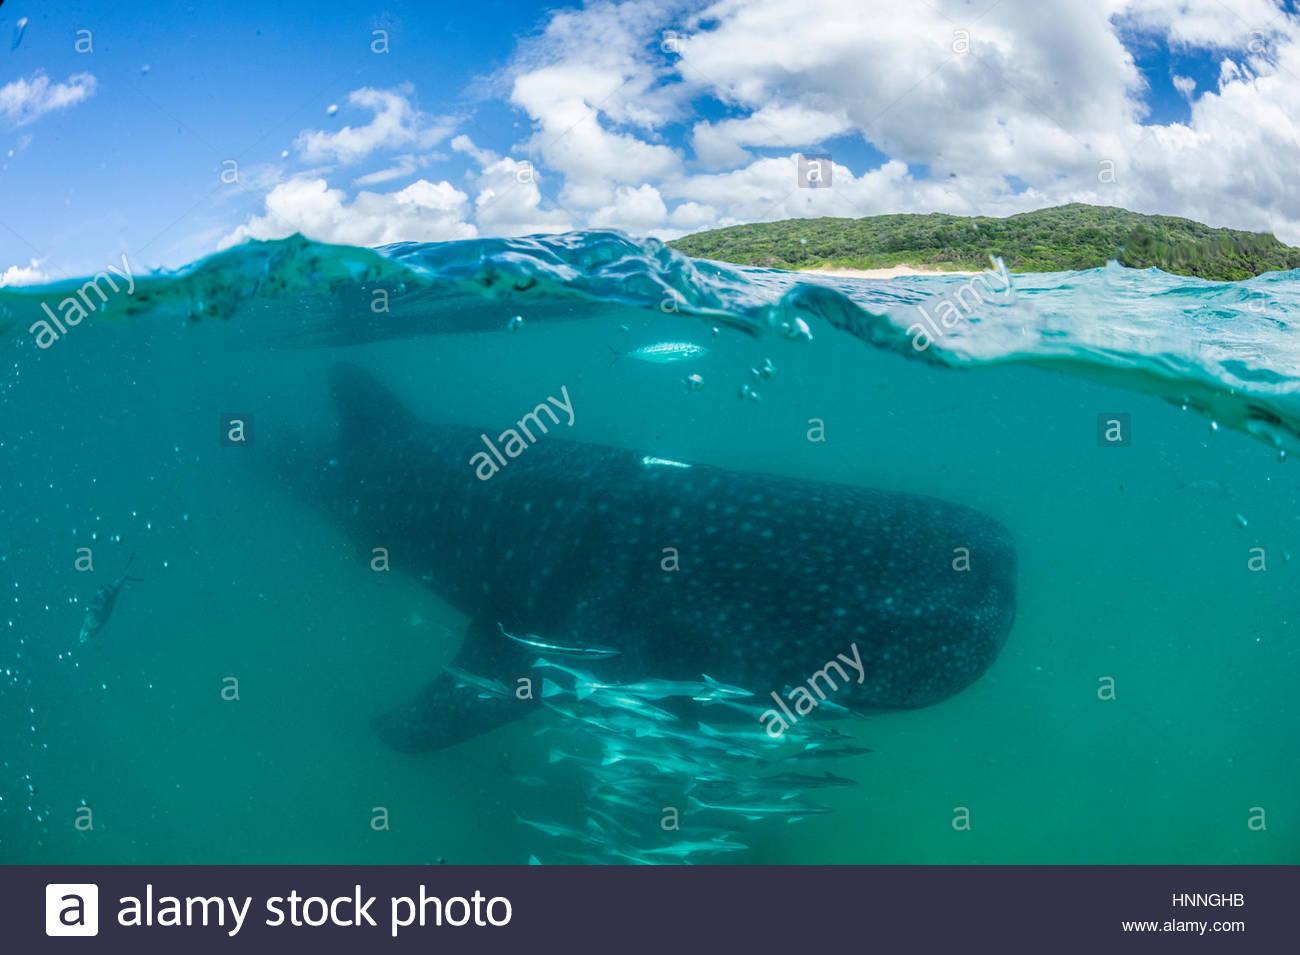 Un tiburón ballena nadando en el Océano Índico en la Ponta do Oro Reserva Marina, Mozambique. Imagen De Stock